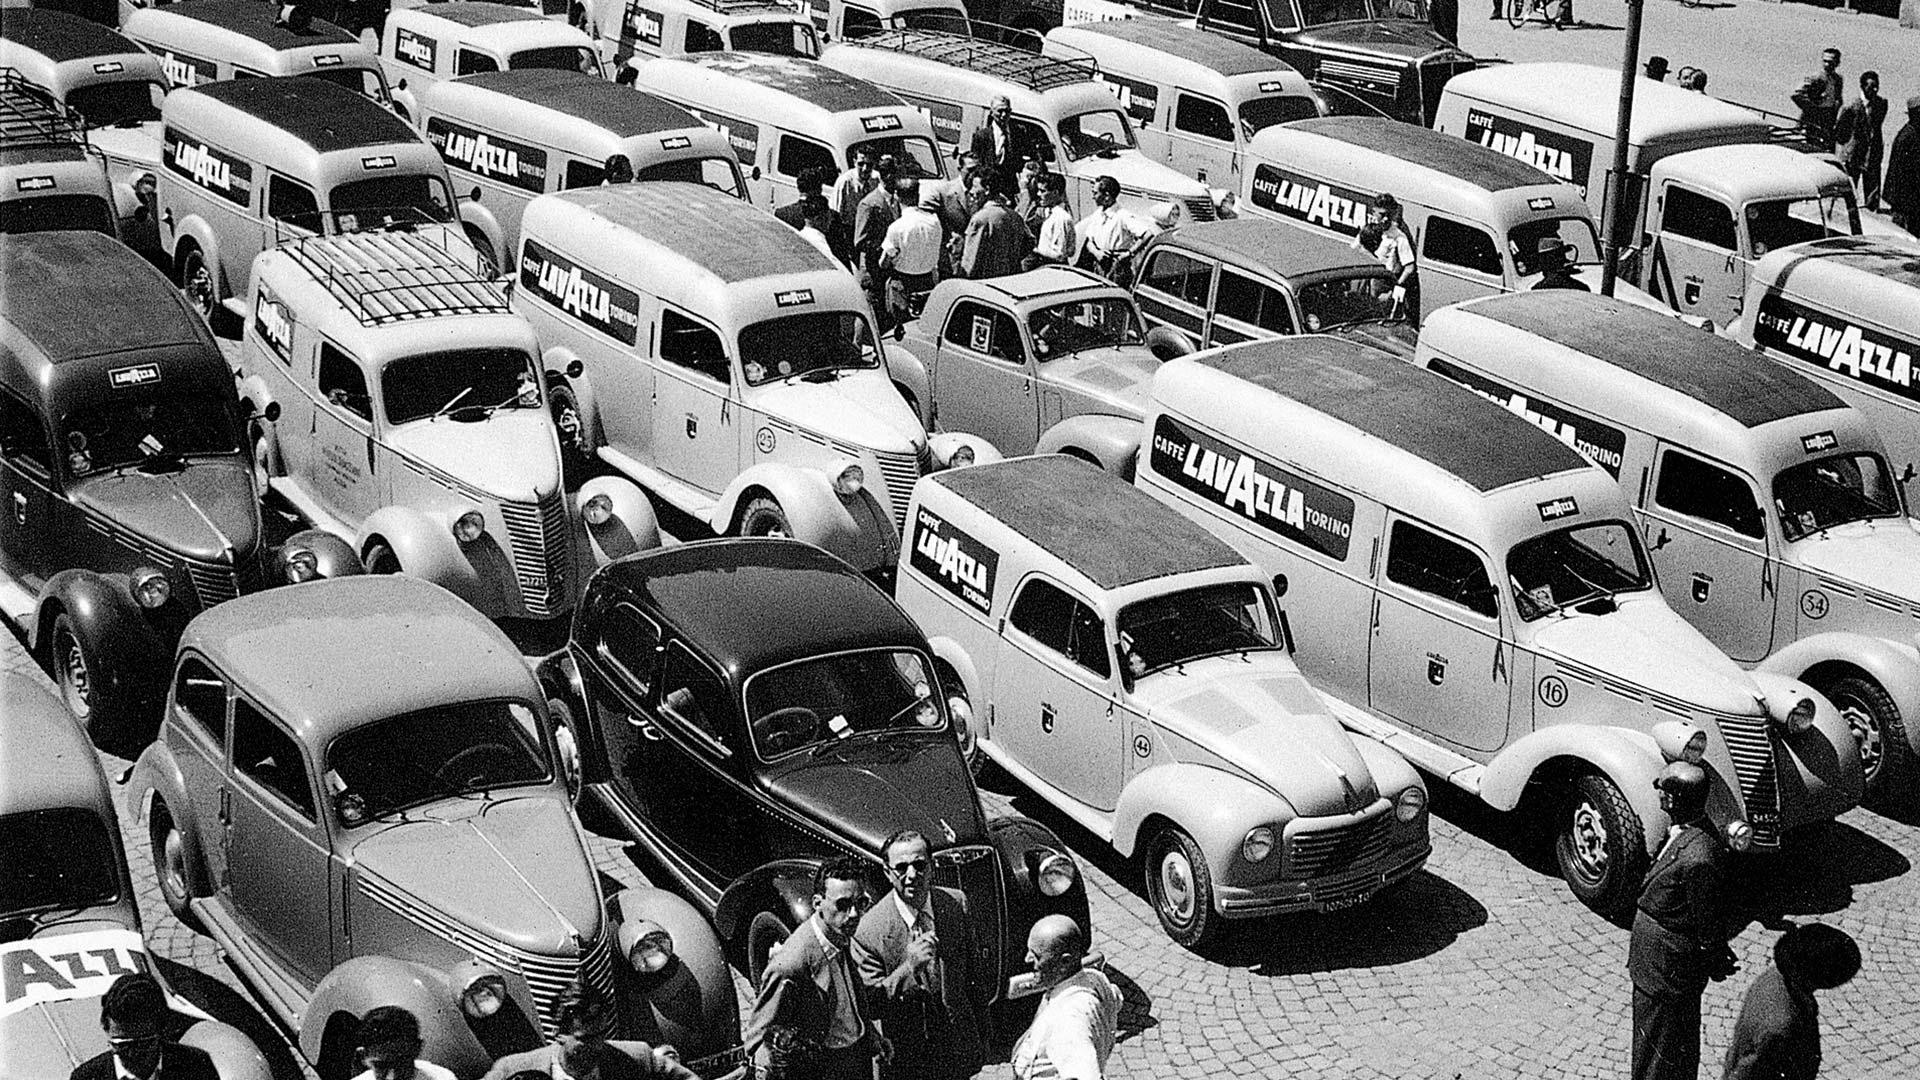 Old-school Lavazza trucks